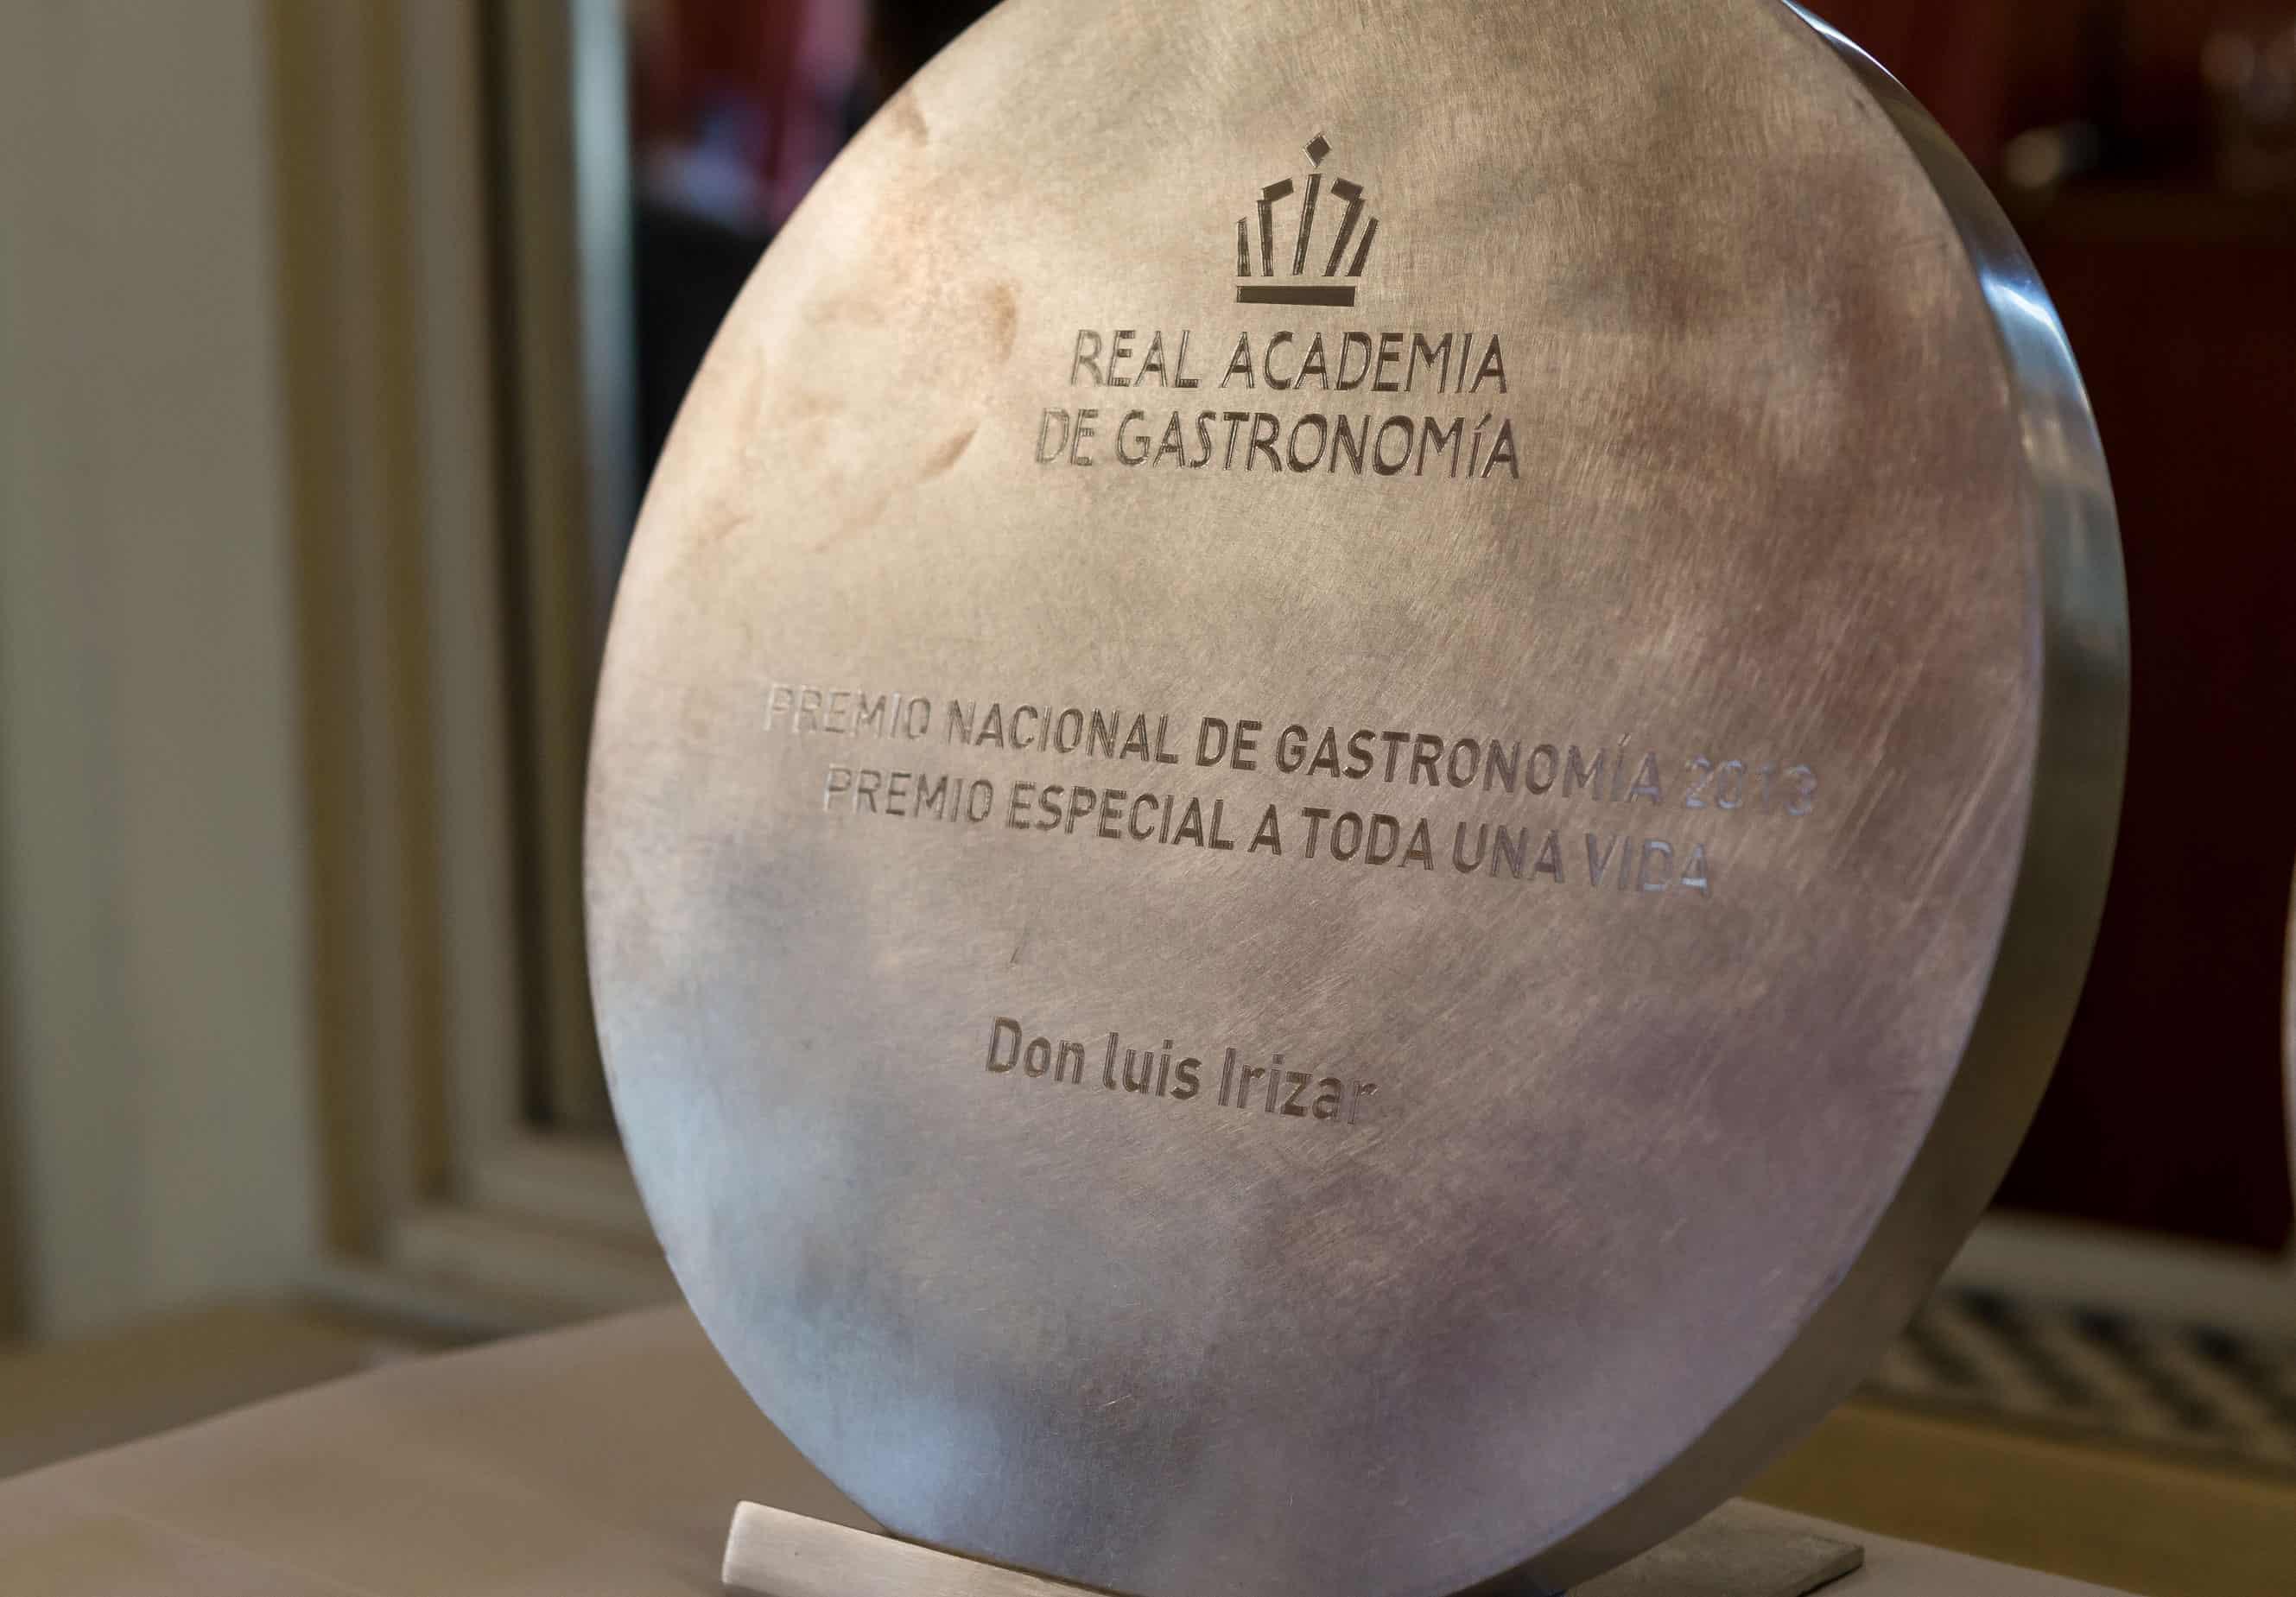 Los Premios Nacionales de Gastronomía ya tienen fecha